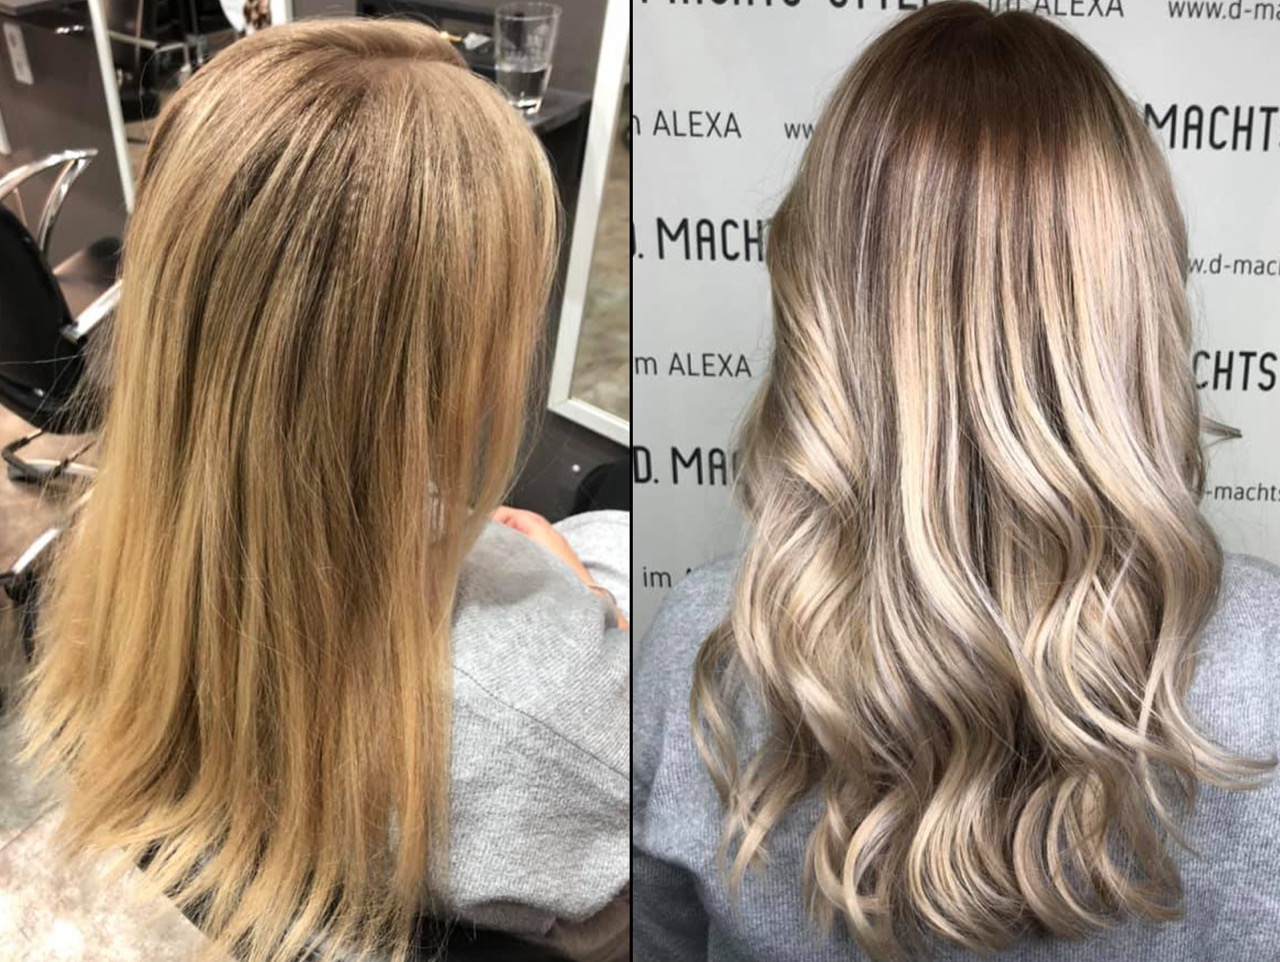 Haarfarben Trend Für Den Sommer 2019 Frisuren Ideen